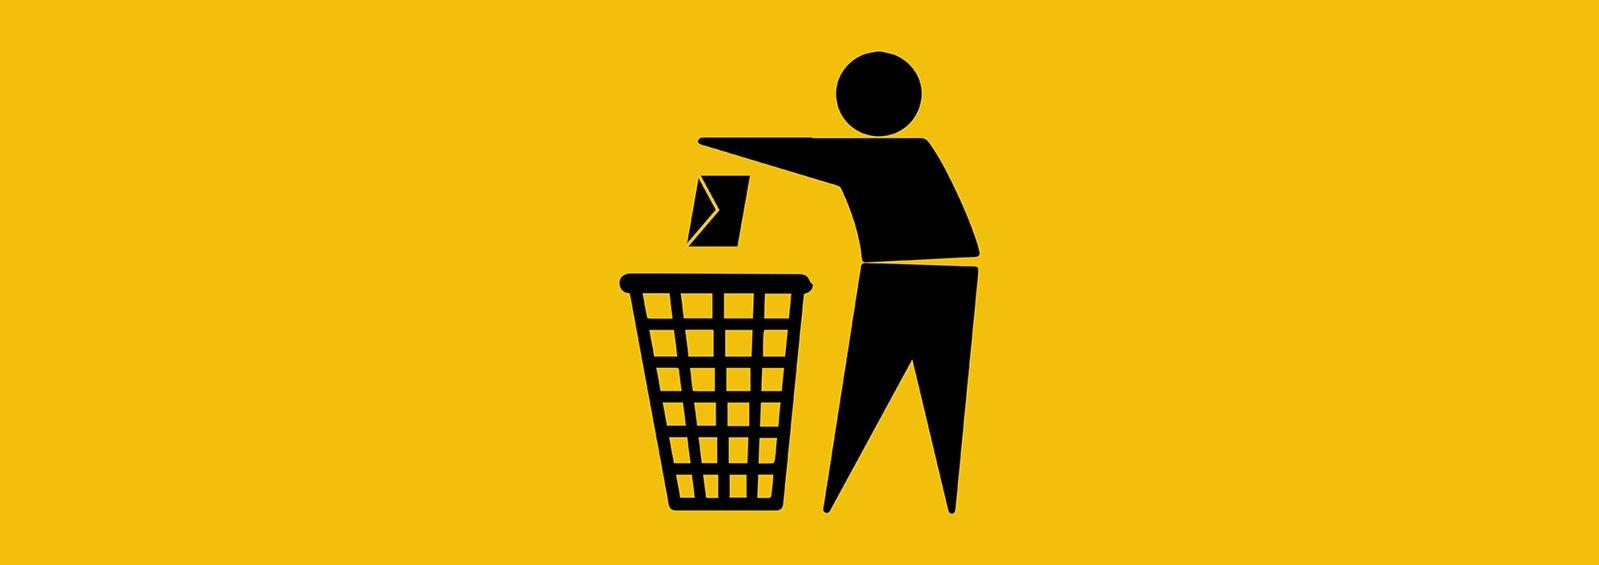 Mira, Blas: esto es lo que el PP apoyó junto al PSOE, la ultraizquierda y los separatistas 45898754172_e9dd35b220_h